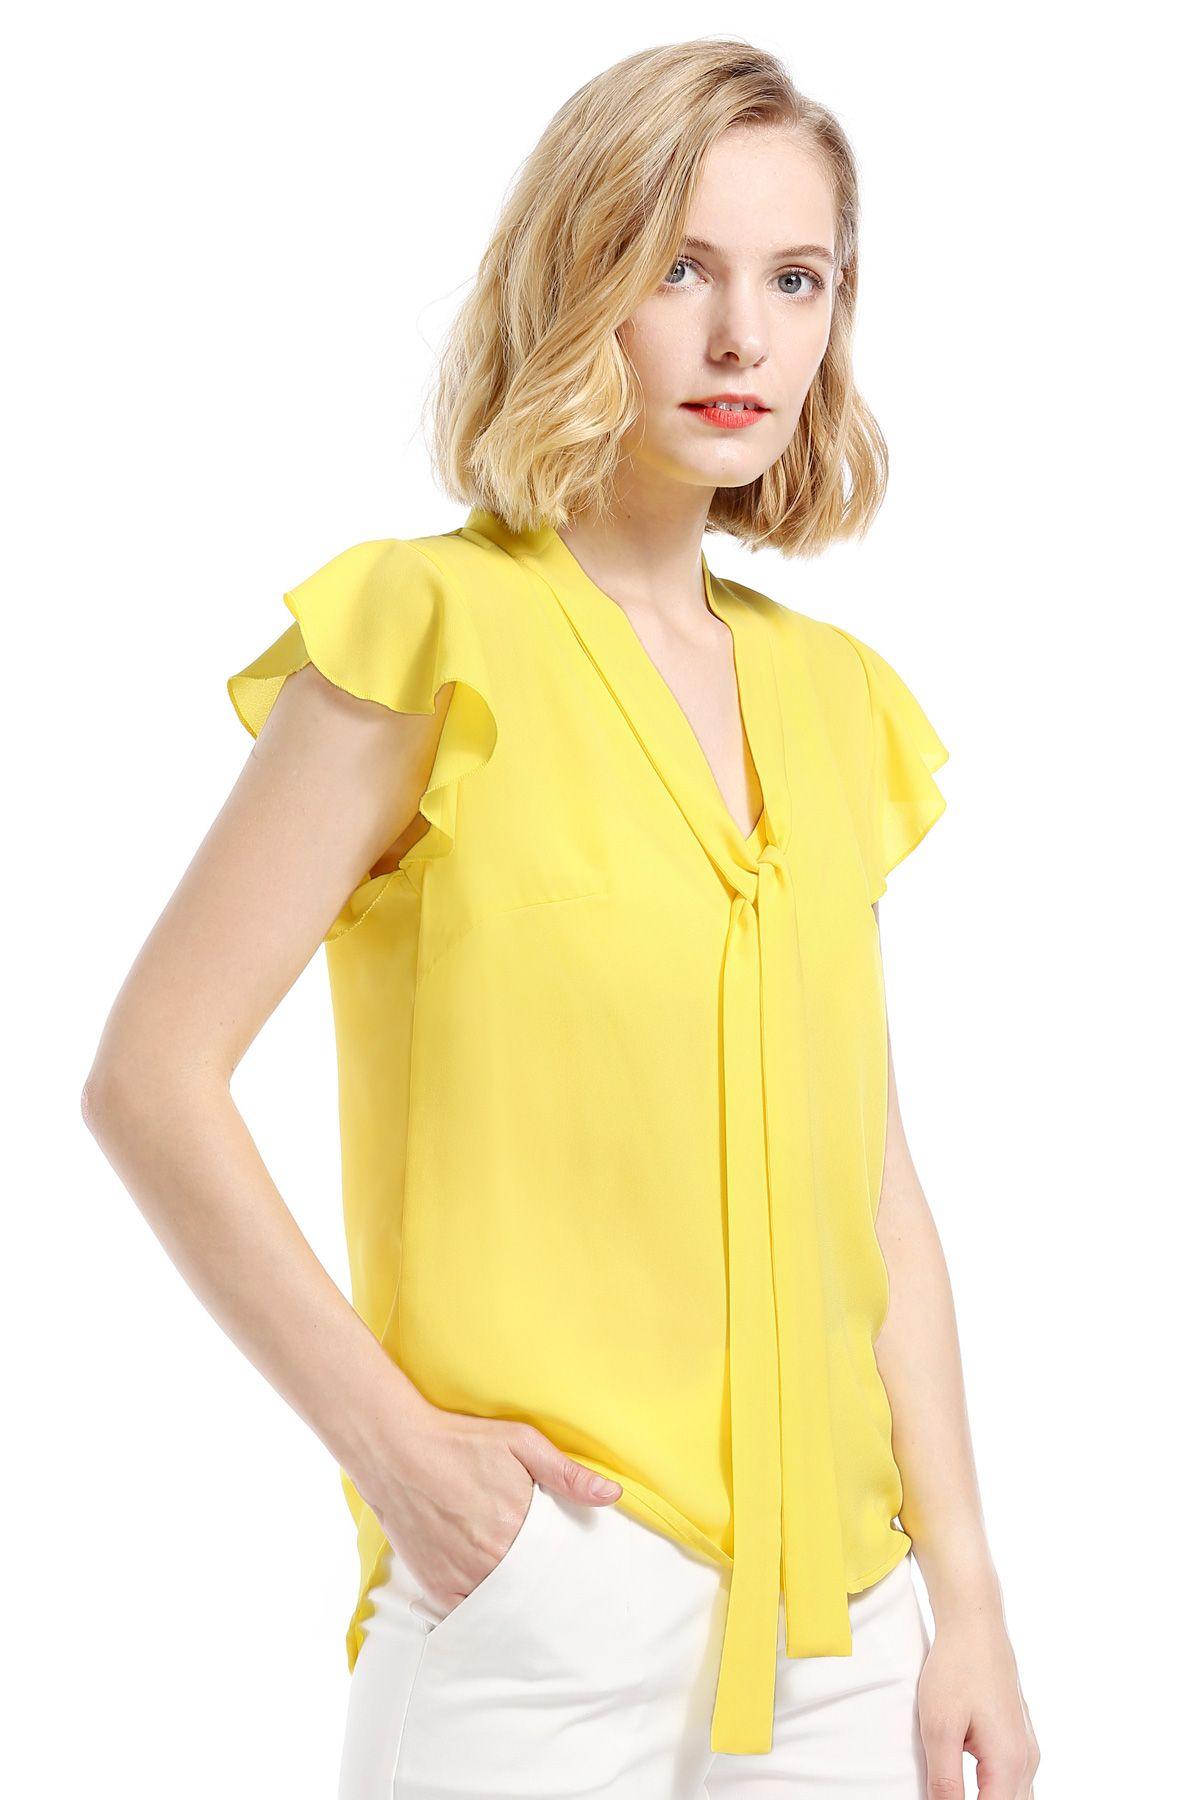 reputable site c508d 6c7f0 2018 primavera estate stampa camicette per donne giallo chiffon ruffles  nastro camicia femminile sexy casual signore top OL ufficio signora FS3465